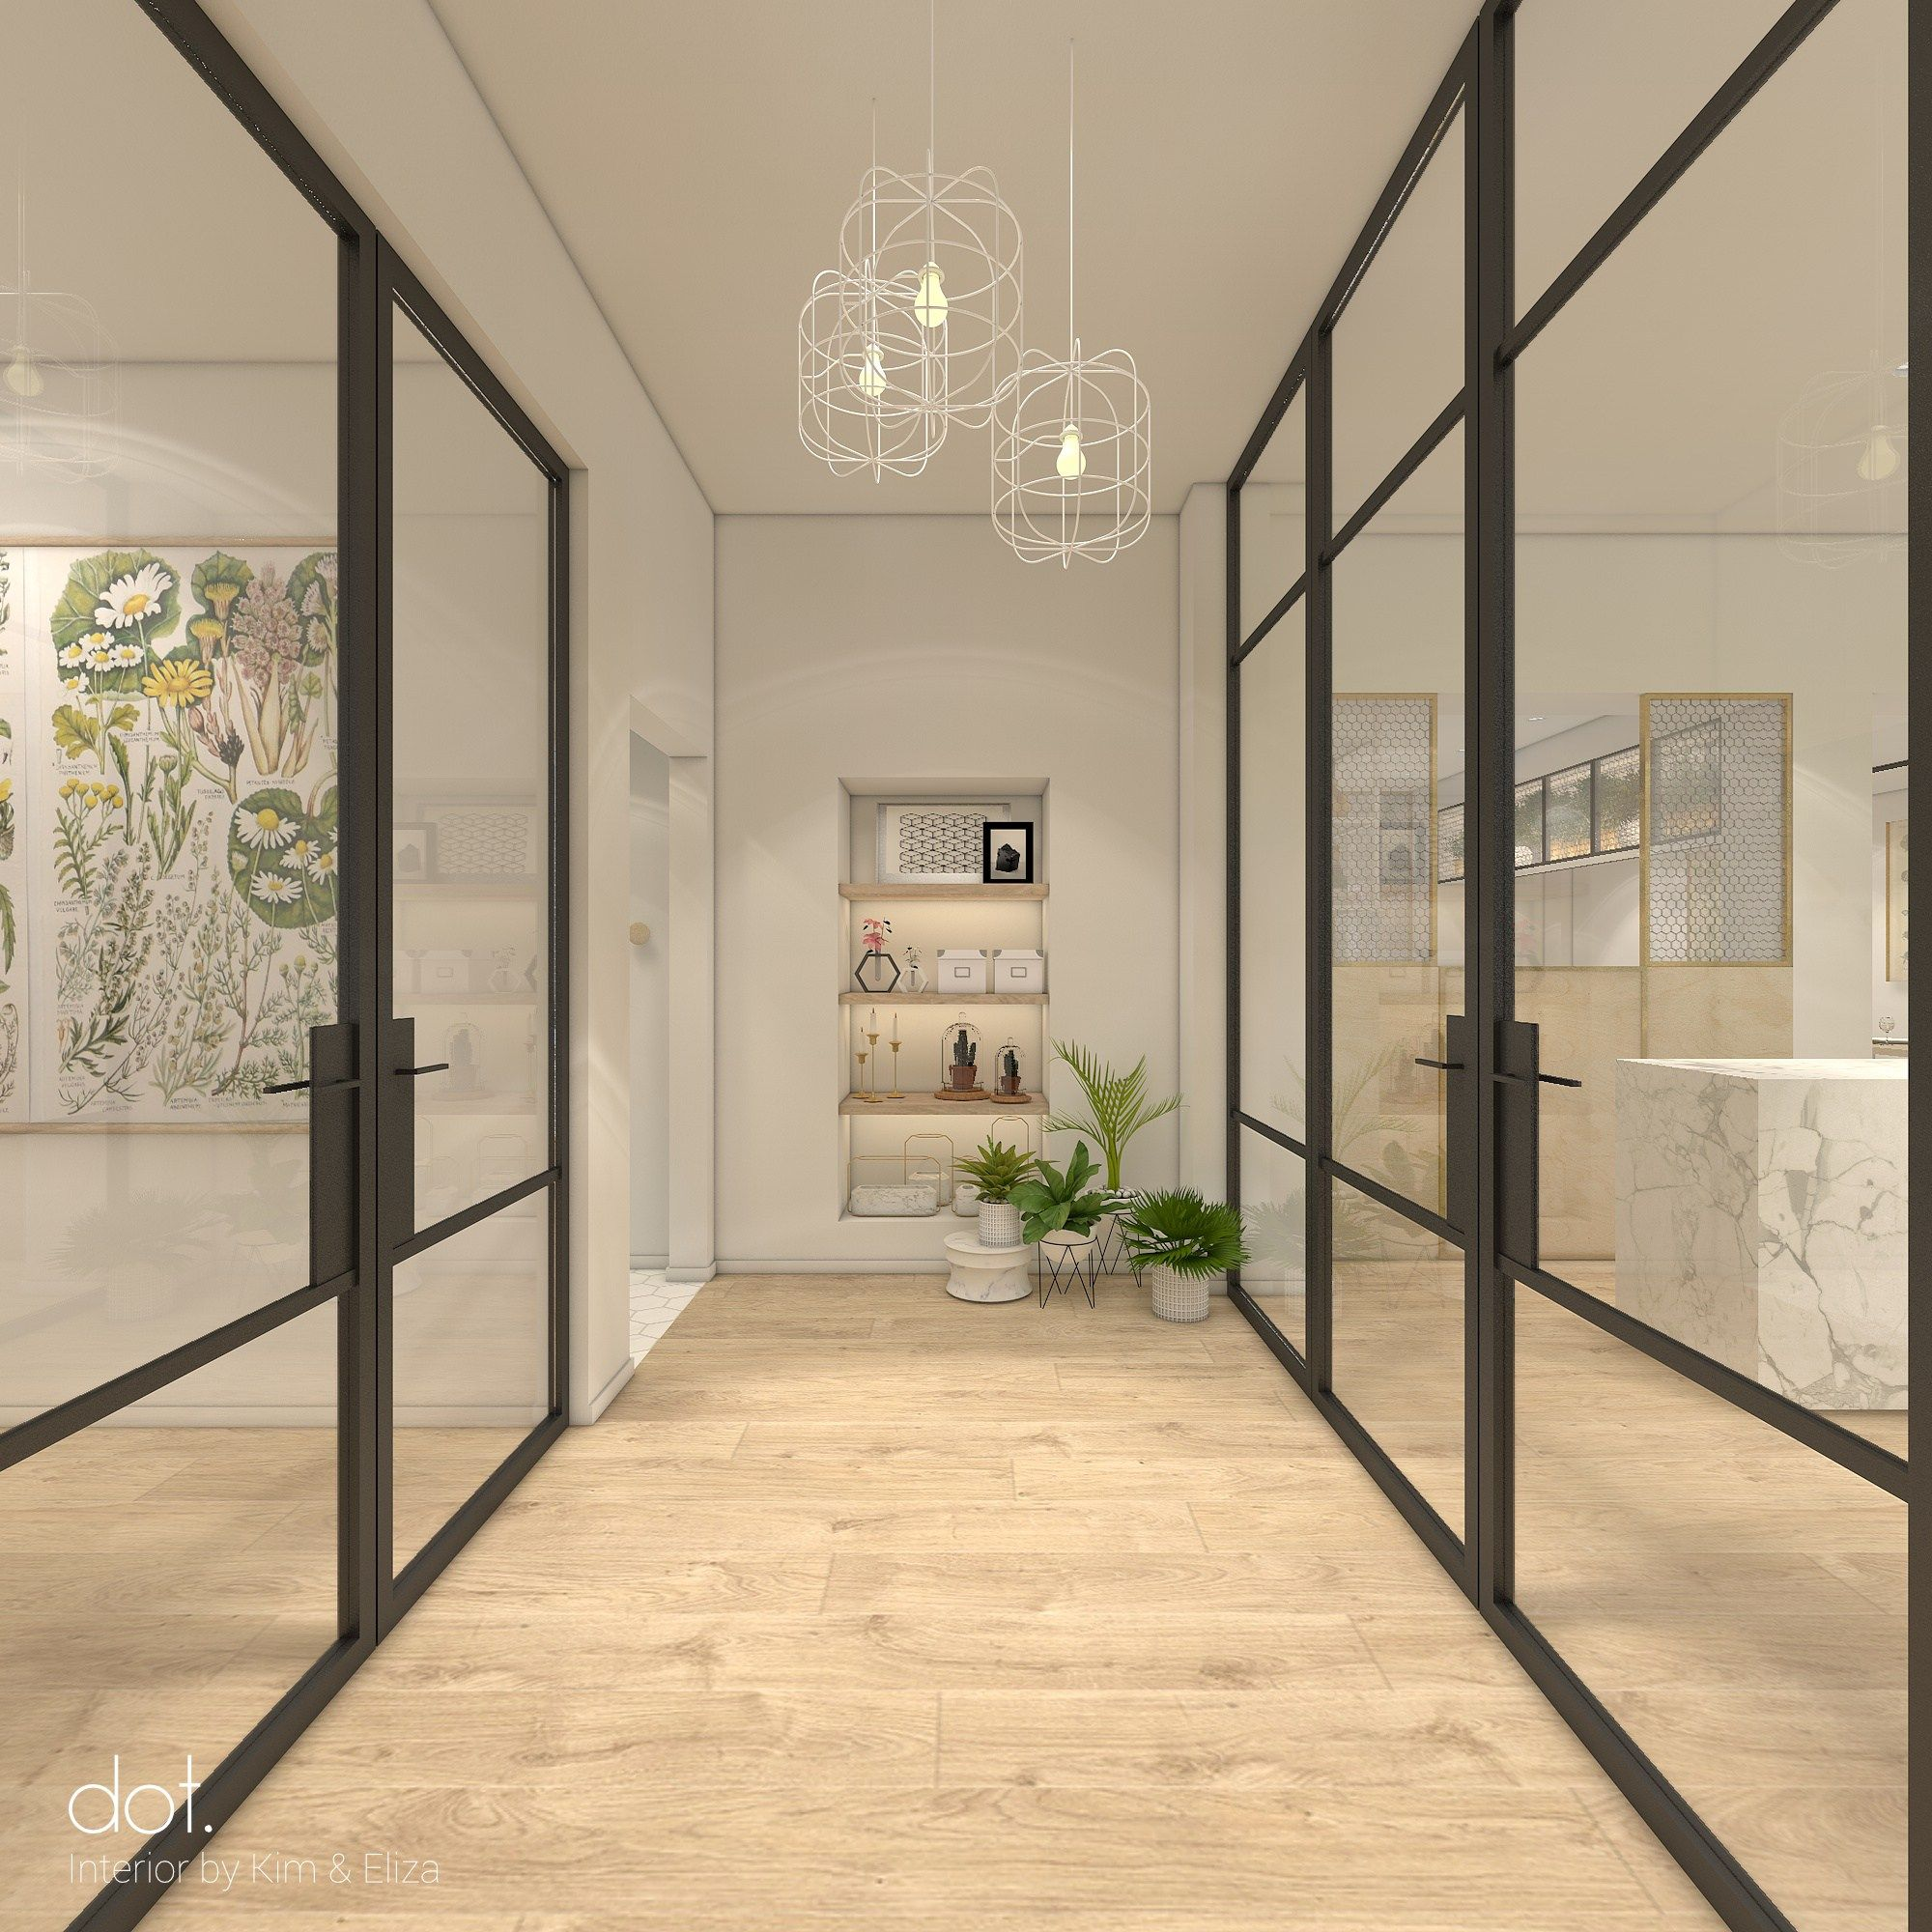 restaurant v | dot. #dotinterior #interior #interiorarchitecture